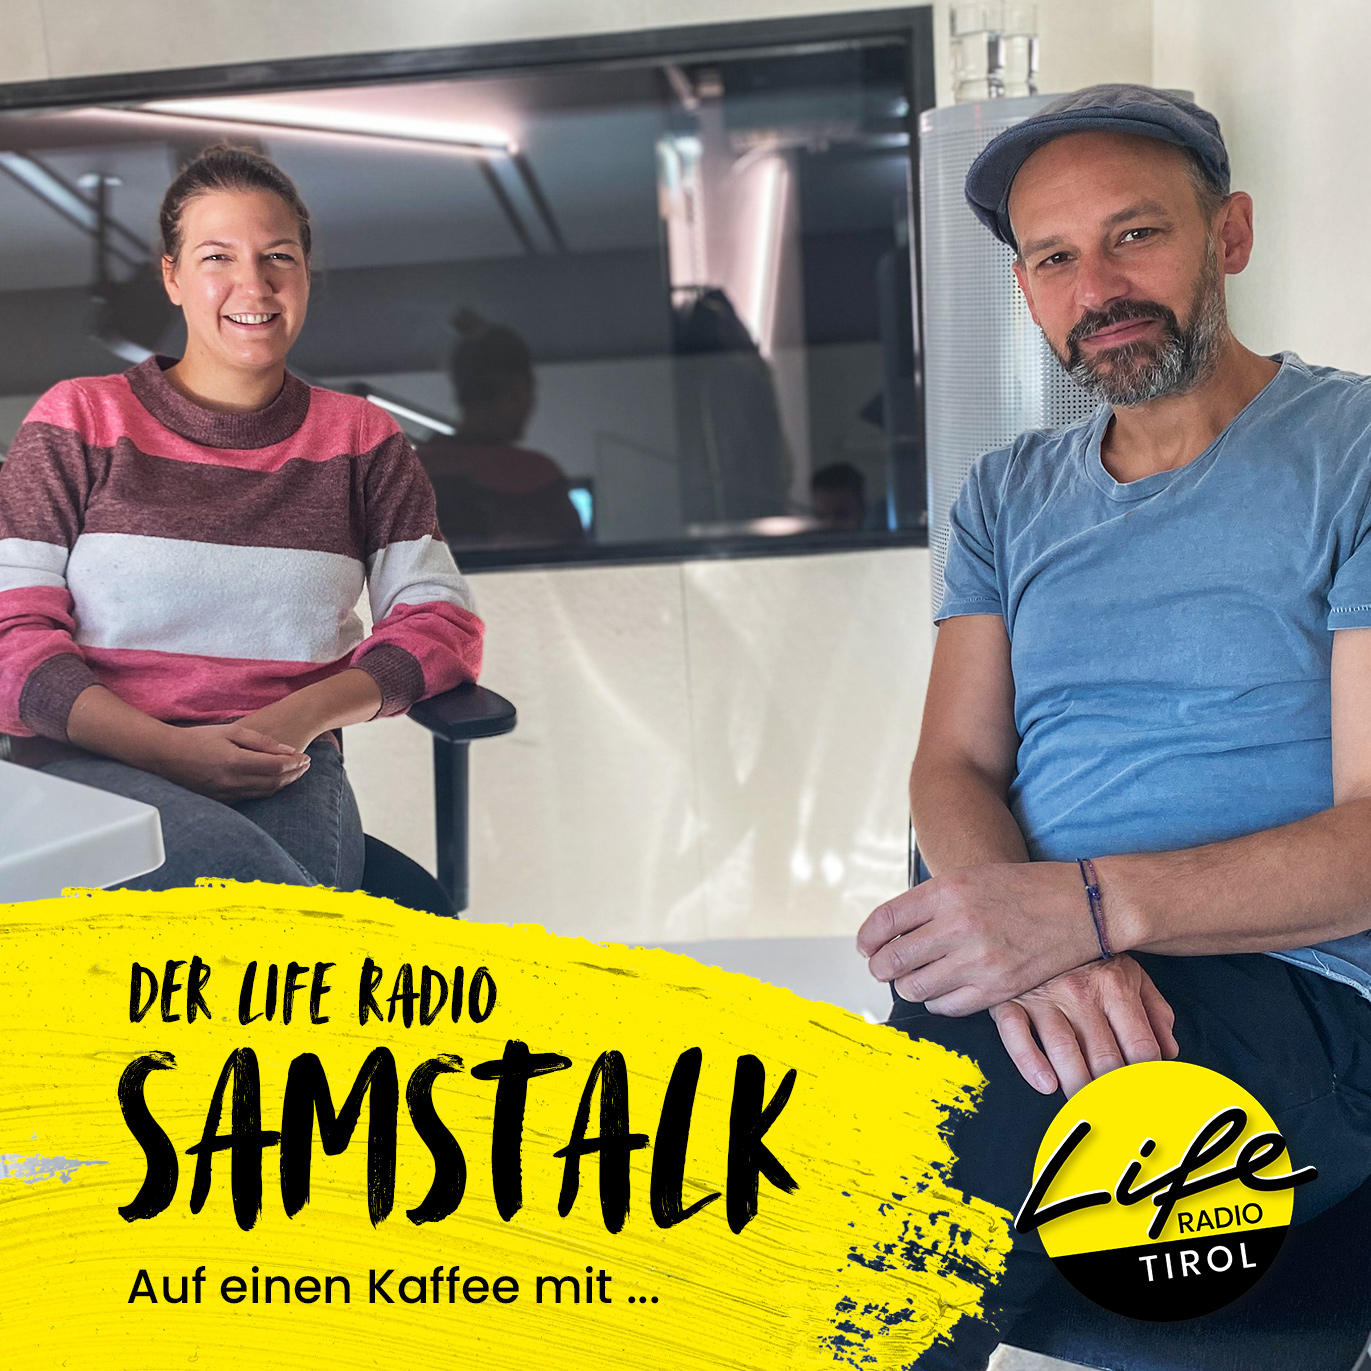 Auf einen Kaffee mit Autorin Katrin Biber